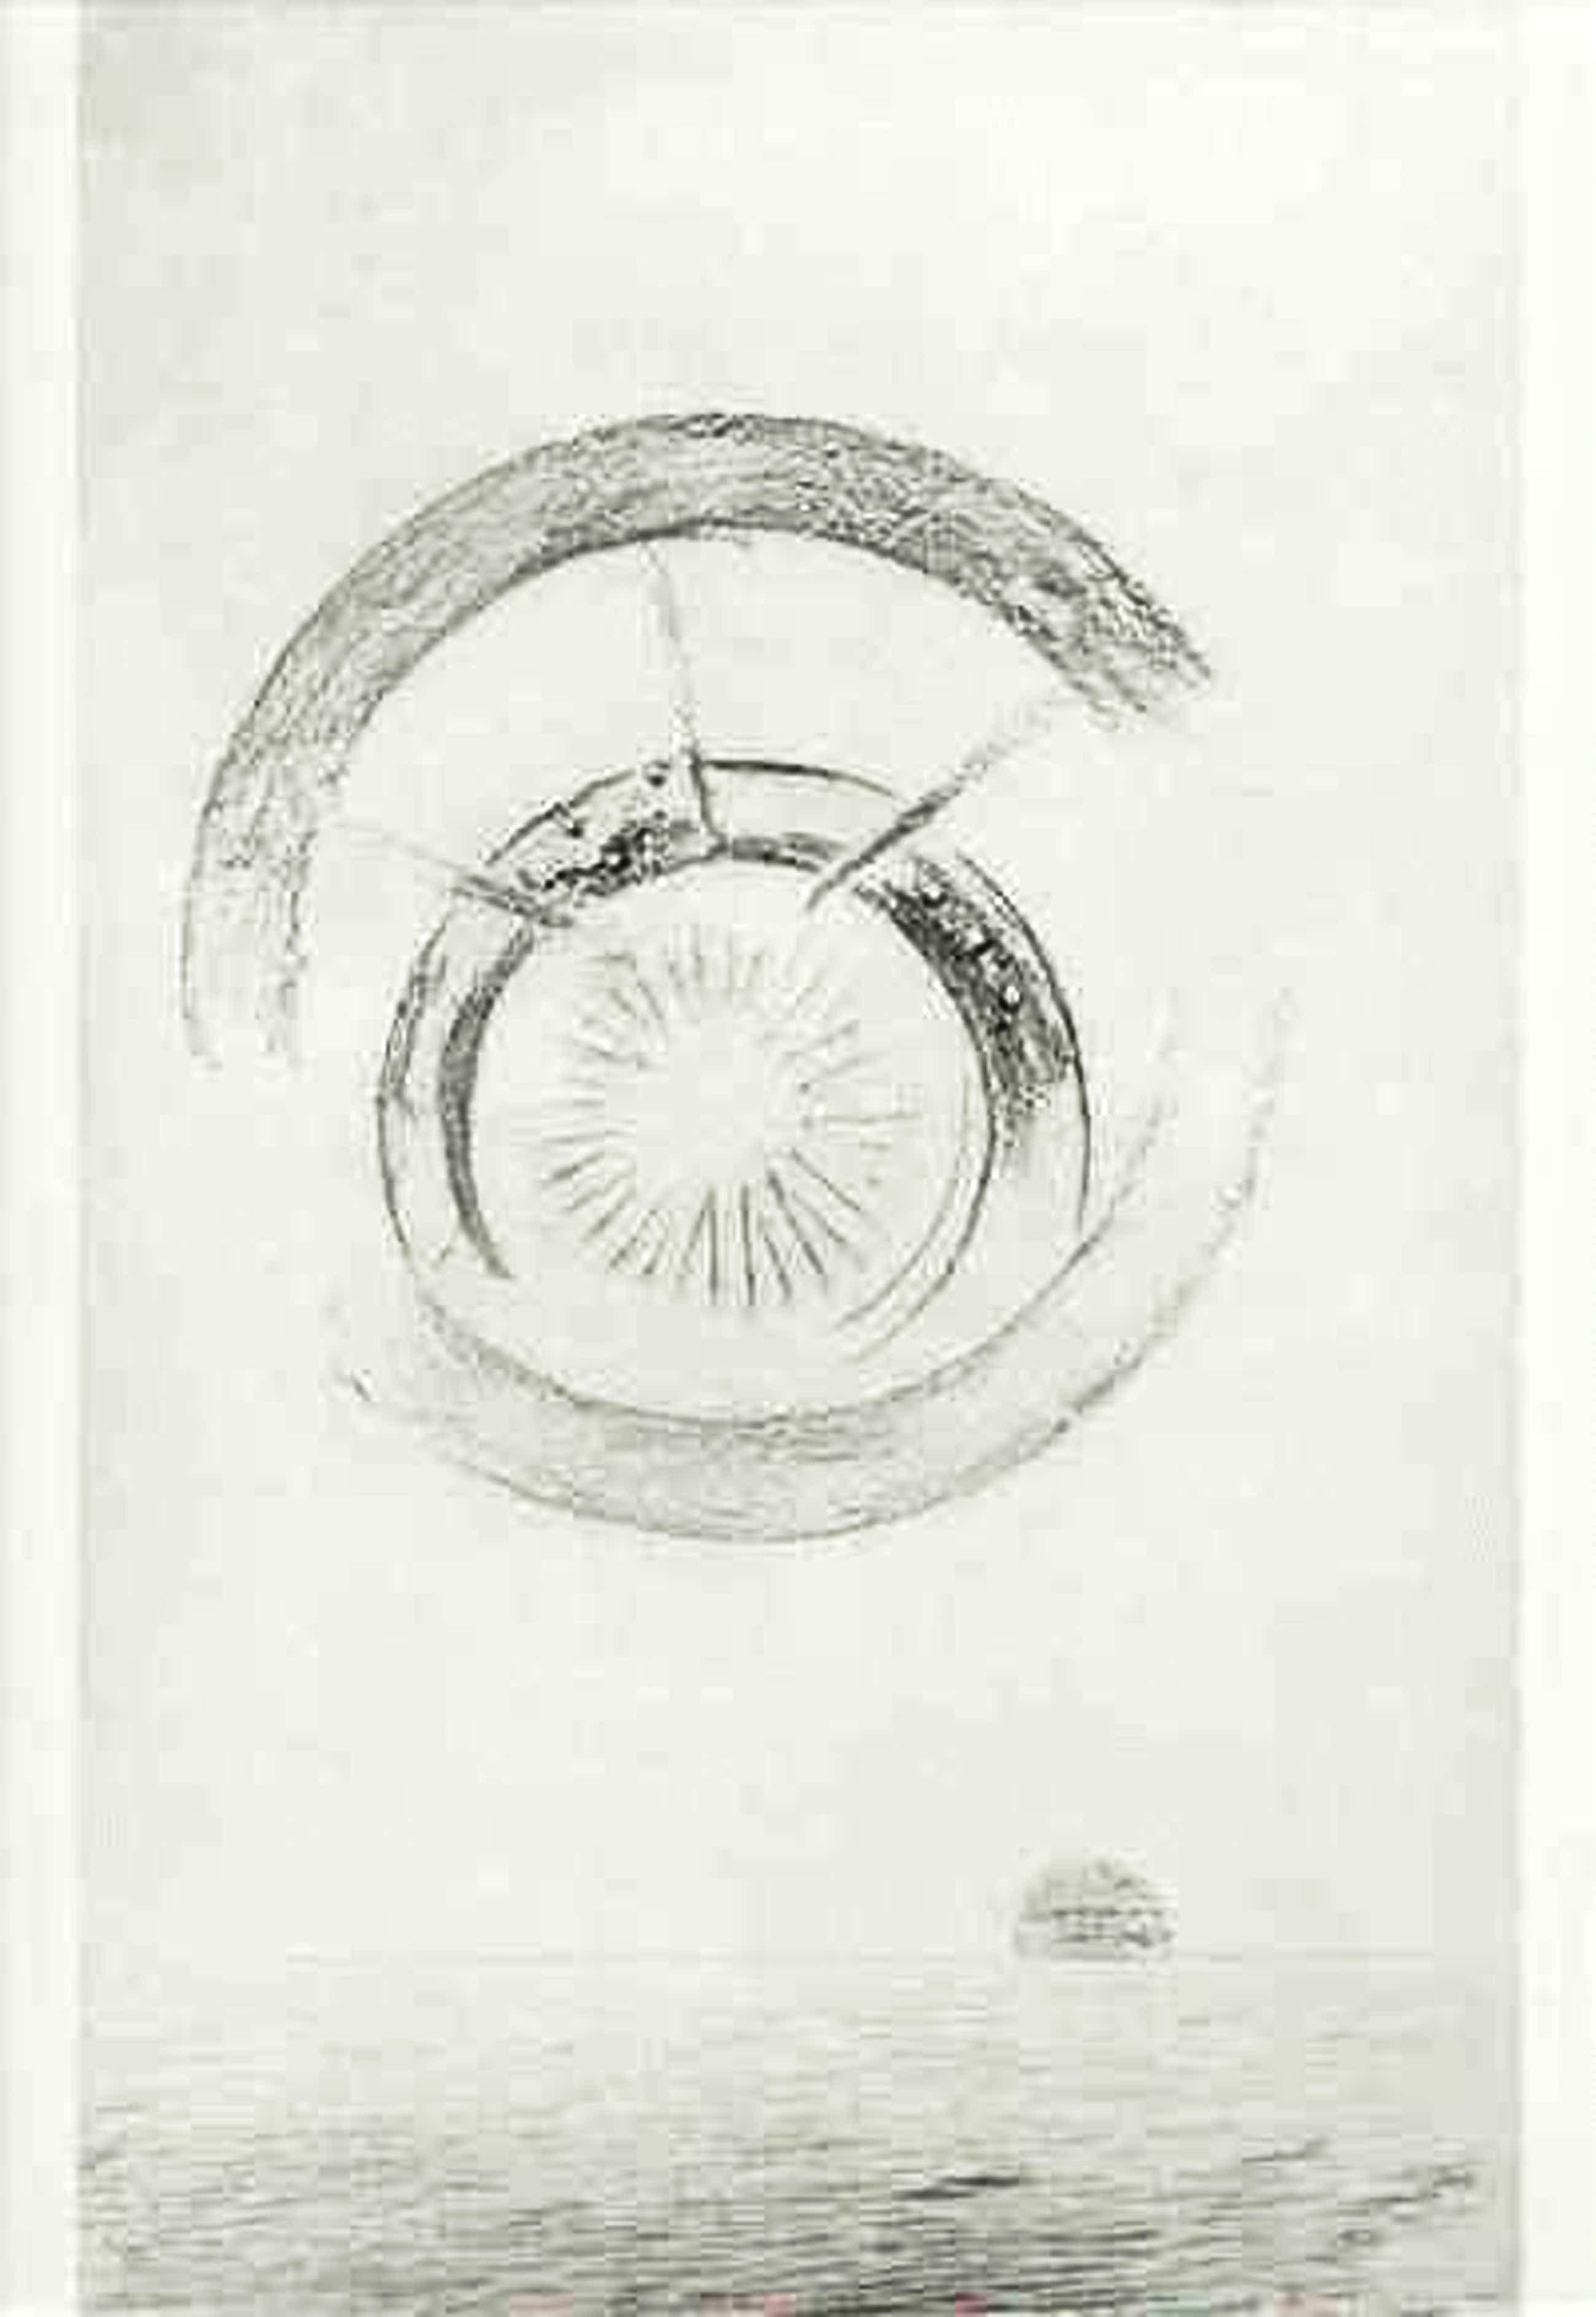 Max Ernst - Ein KURZER BLICK - Histoire Naturelle 1926 - FROTTAGE in EDELDRUCK durch HATJE kopen? Bied vanaf 48!